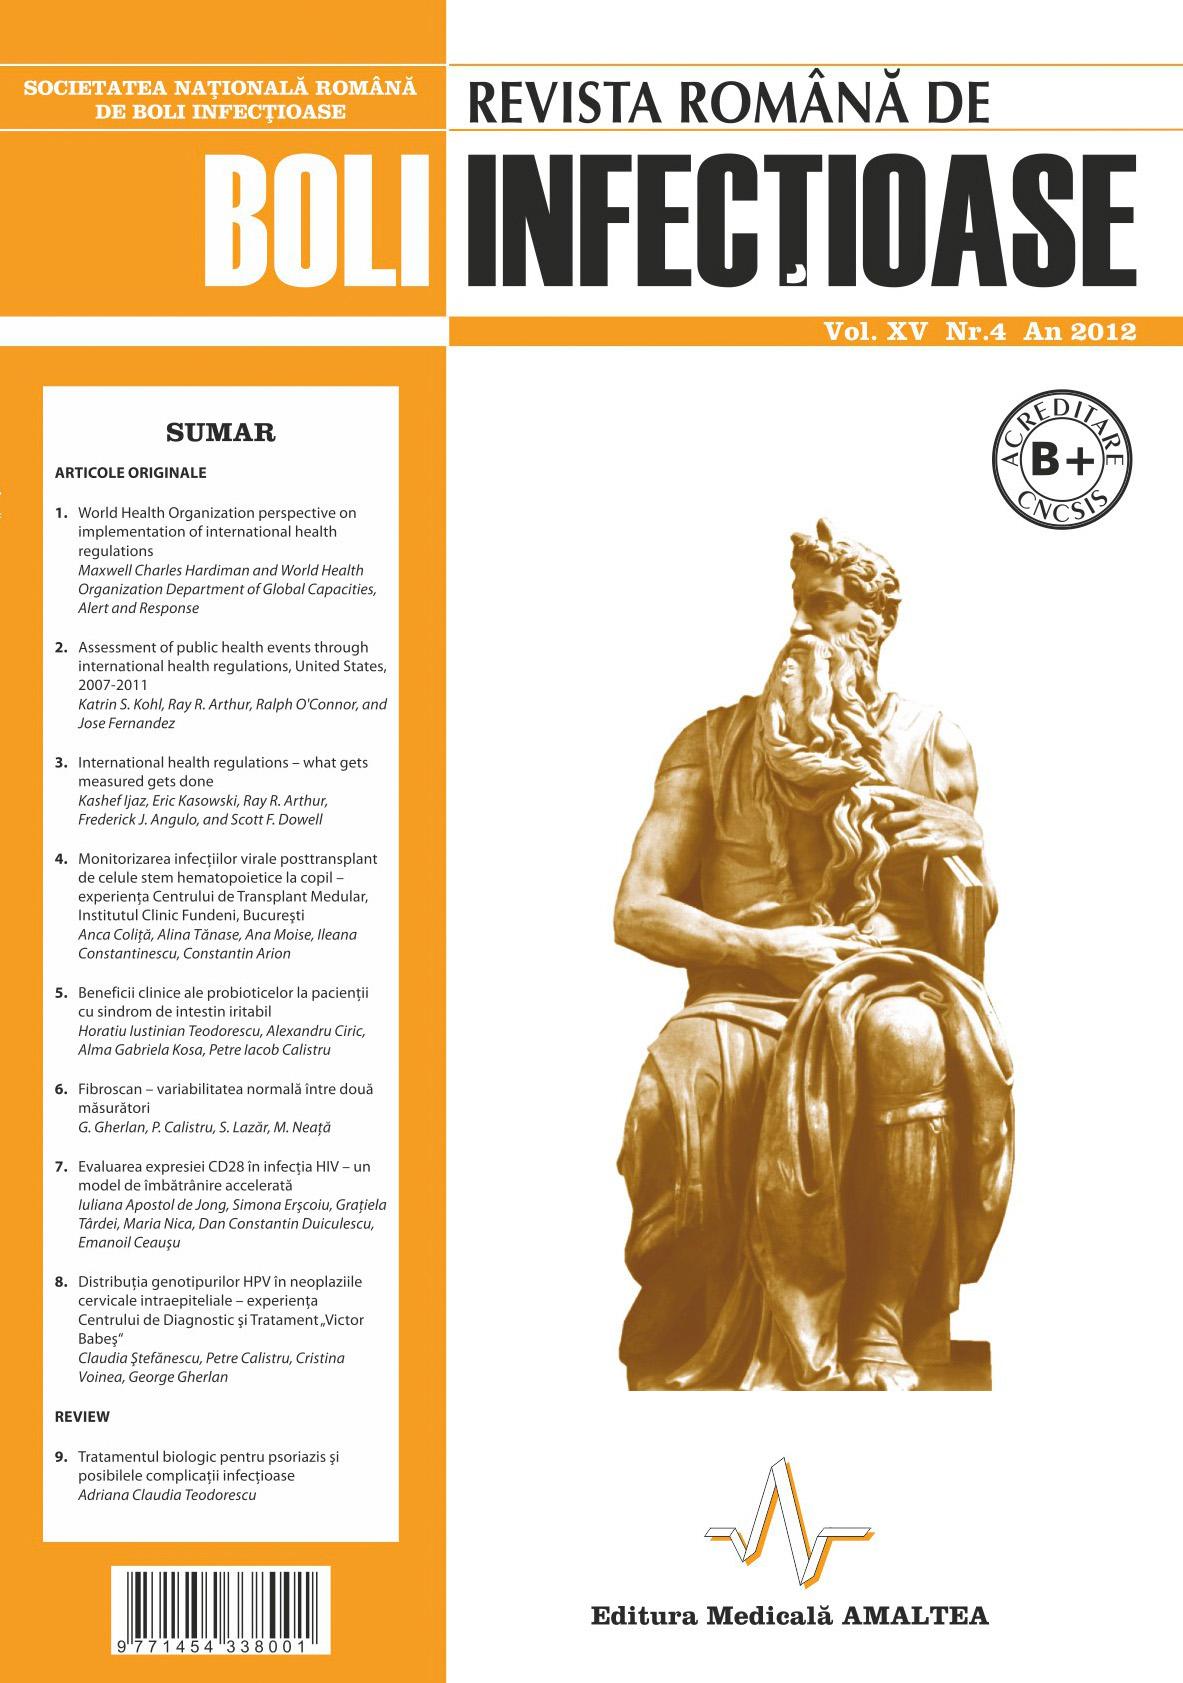 Revista Romana de Boli Infectioase | Vol. XV, No. 4, 2012